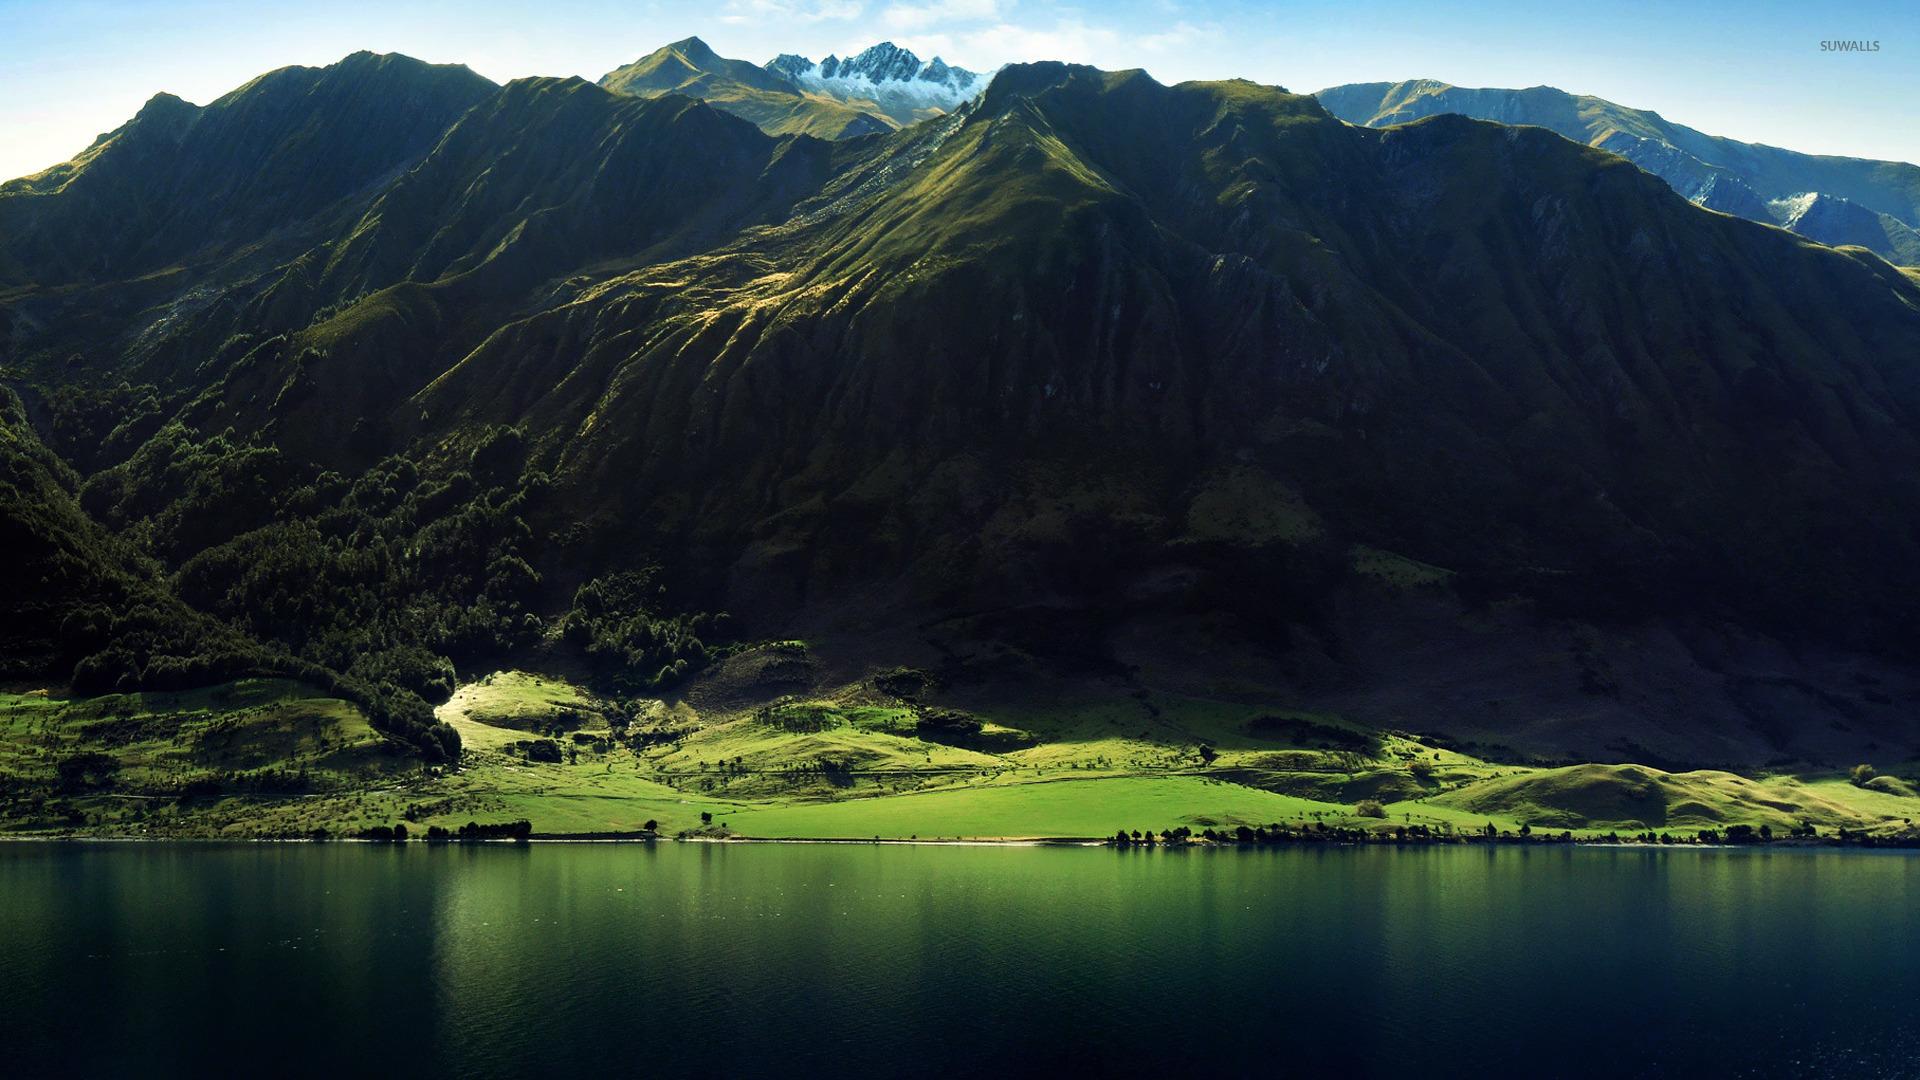 mountain lake wallpaper 1920x1080 - photo #1